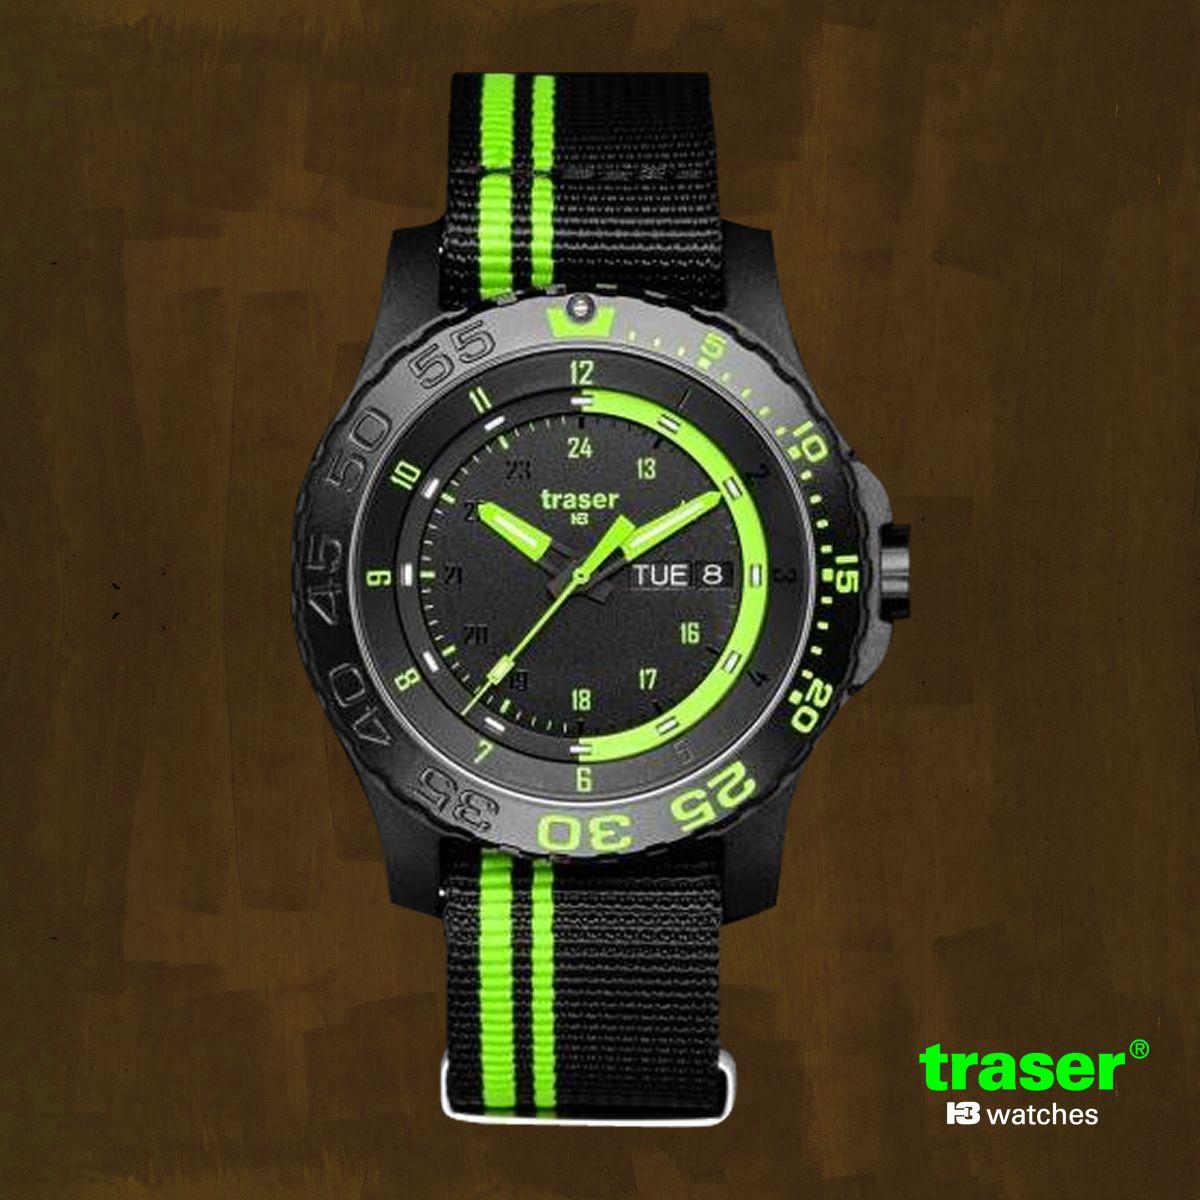 0986260490 トレーサー/TRASER/H3/タイプ6MIL-G グリーンスピリット 9031564/腕時計